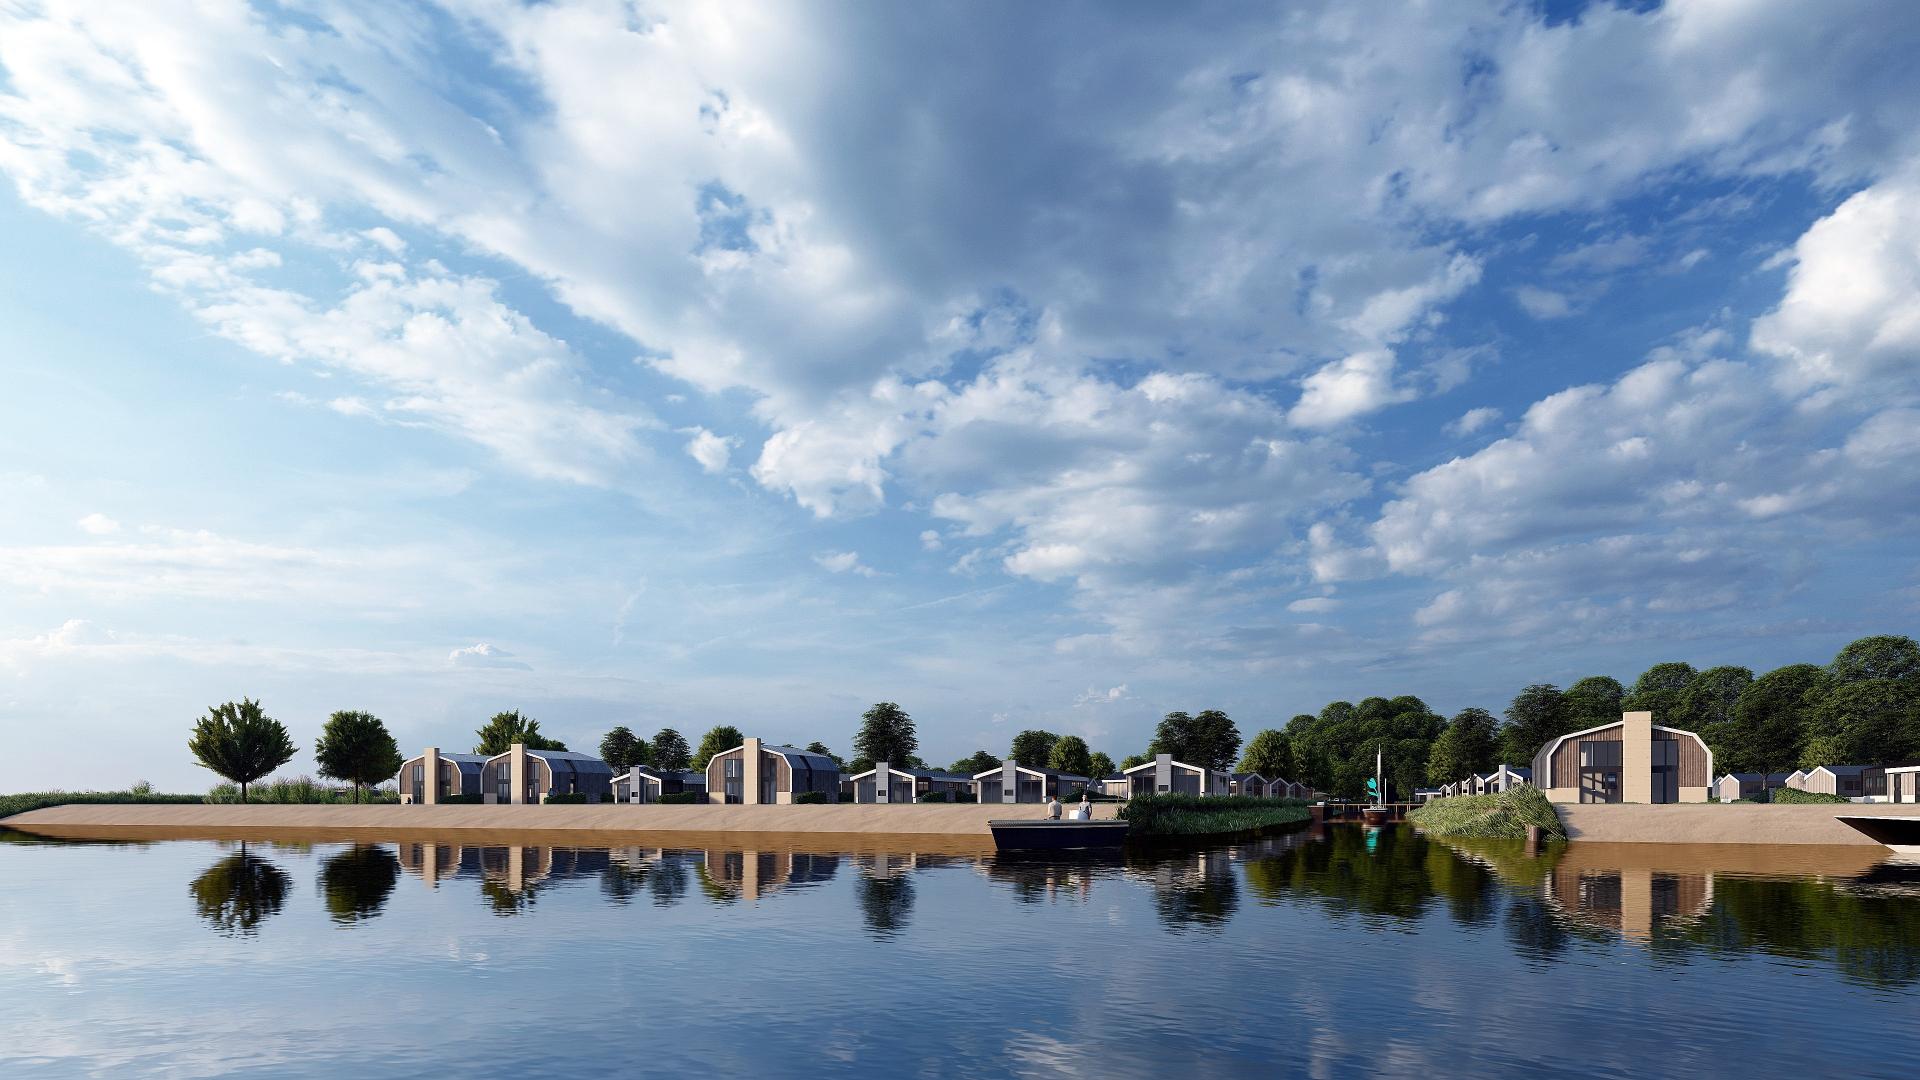 Korting vakantiehuisje  🏕️EuroParcs Resort De Kraaijenbergse Plassen